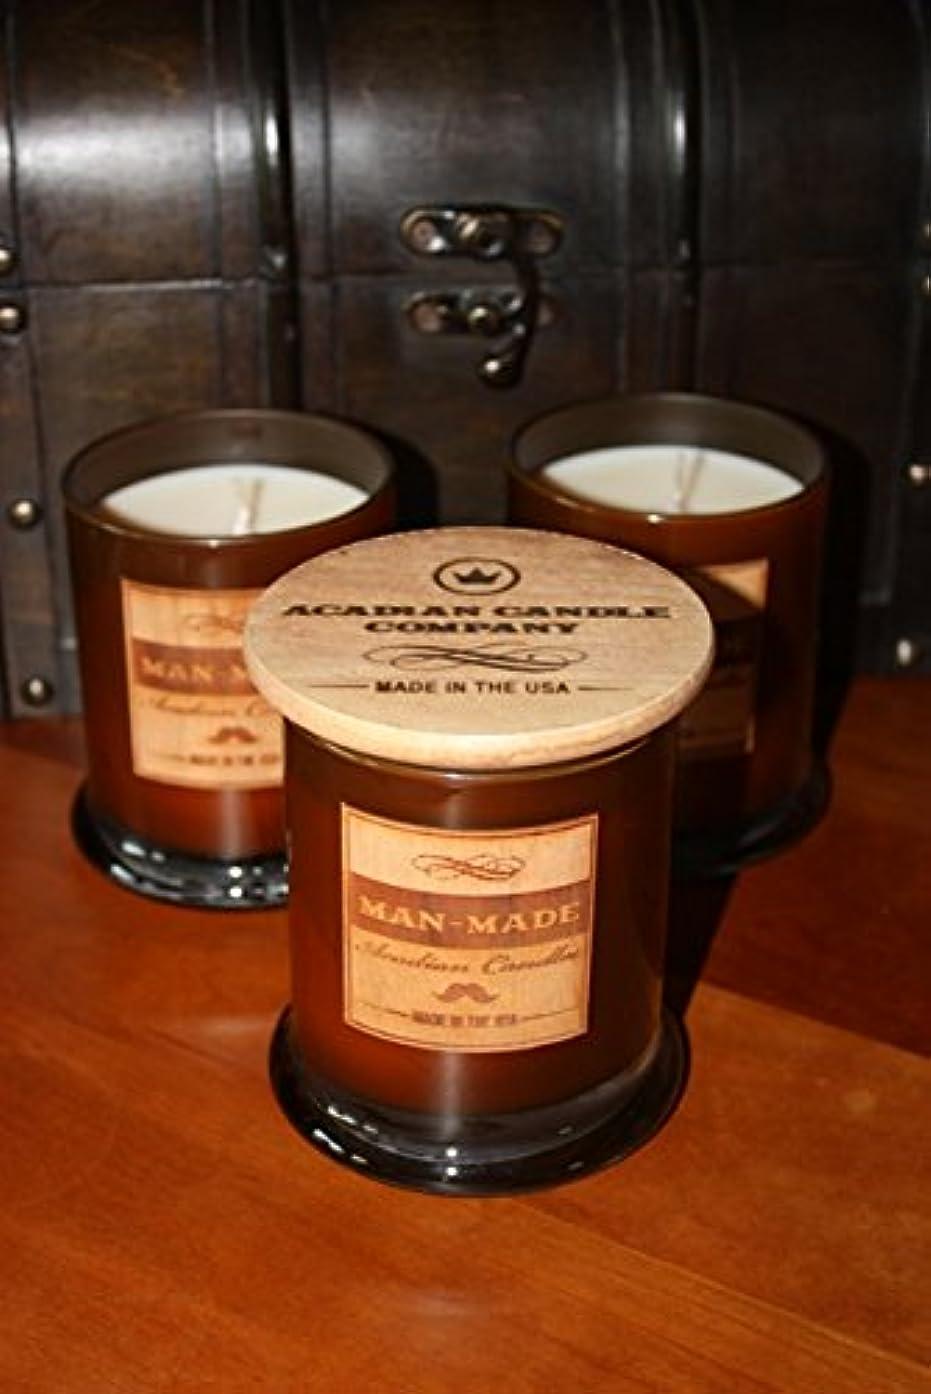 正しい苦しめるにもかかわらずAcadian Candle 11350 Man-Made Candle, Black Onyx